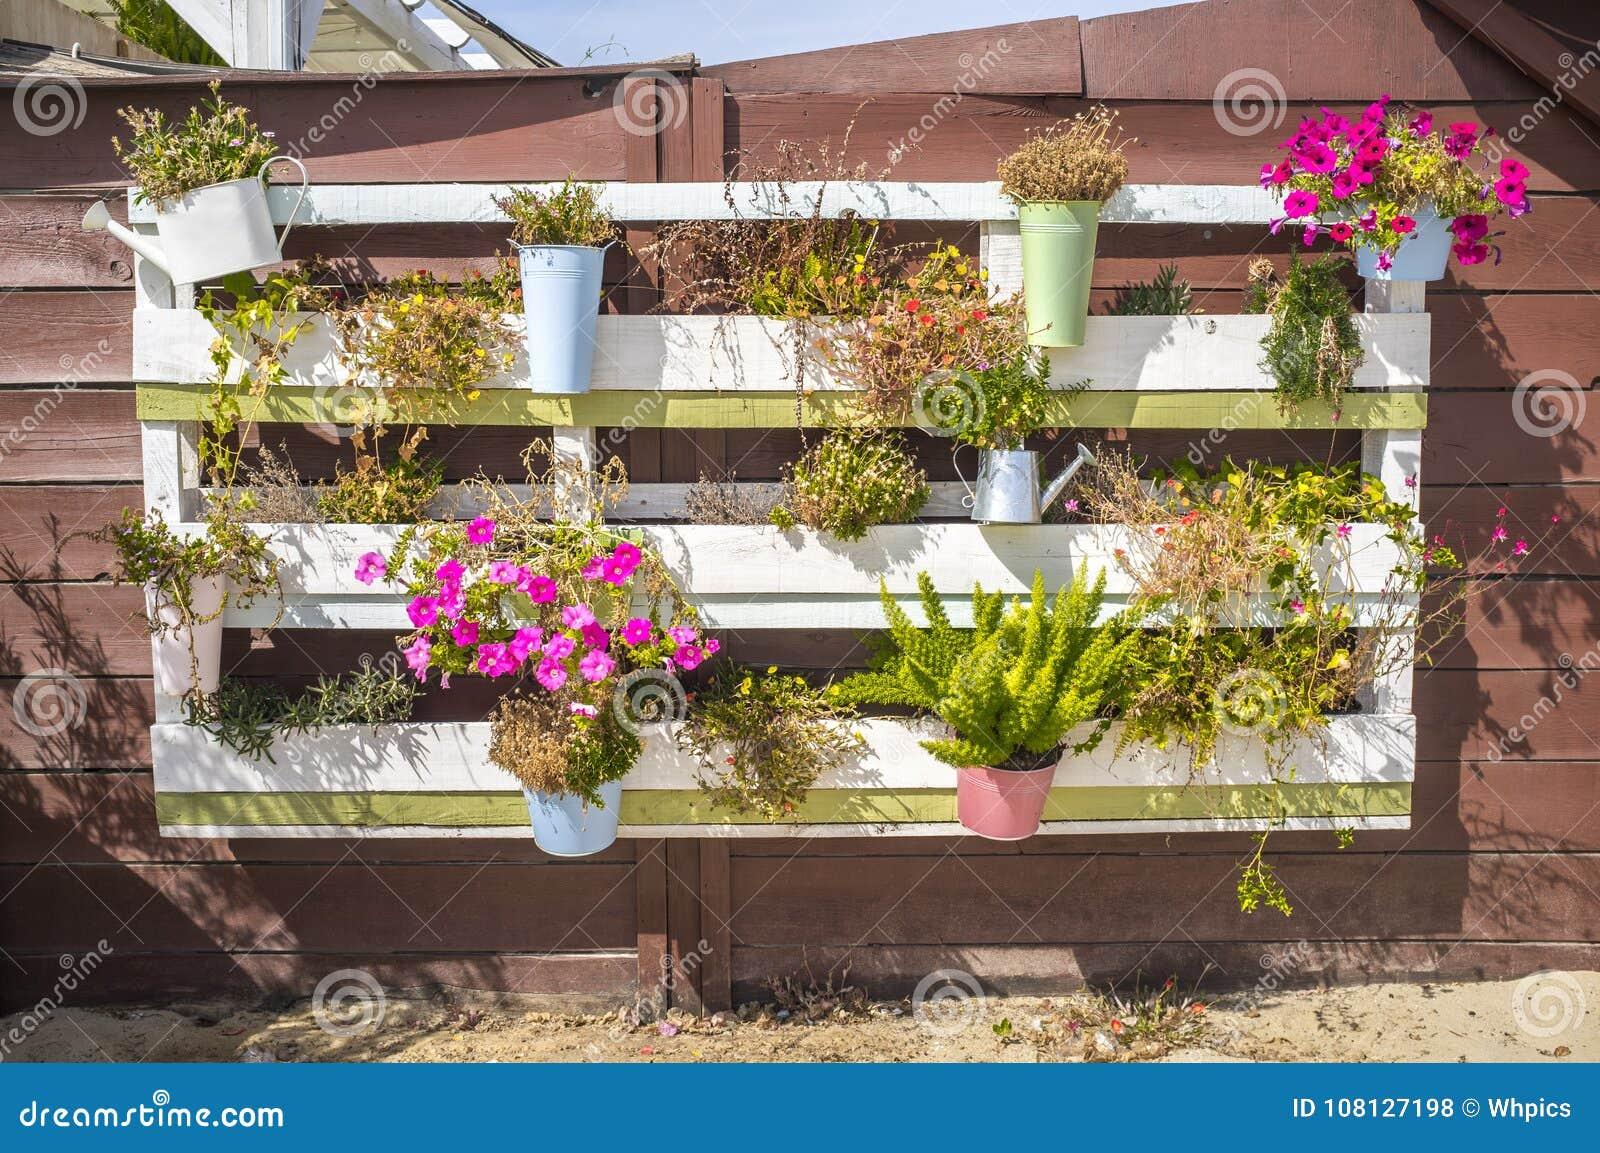 pots de fleurs pendant d 39 une palette sur le mur photo. Black Bedroom Furniture Sets. Home Design Ideas